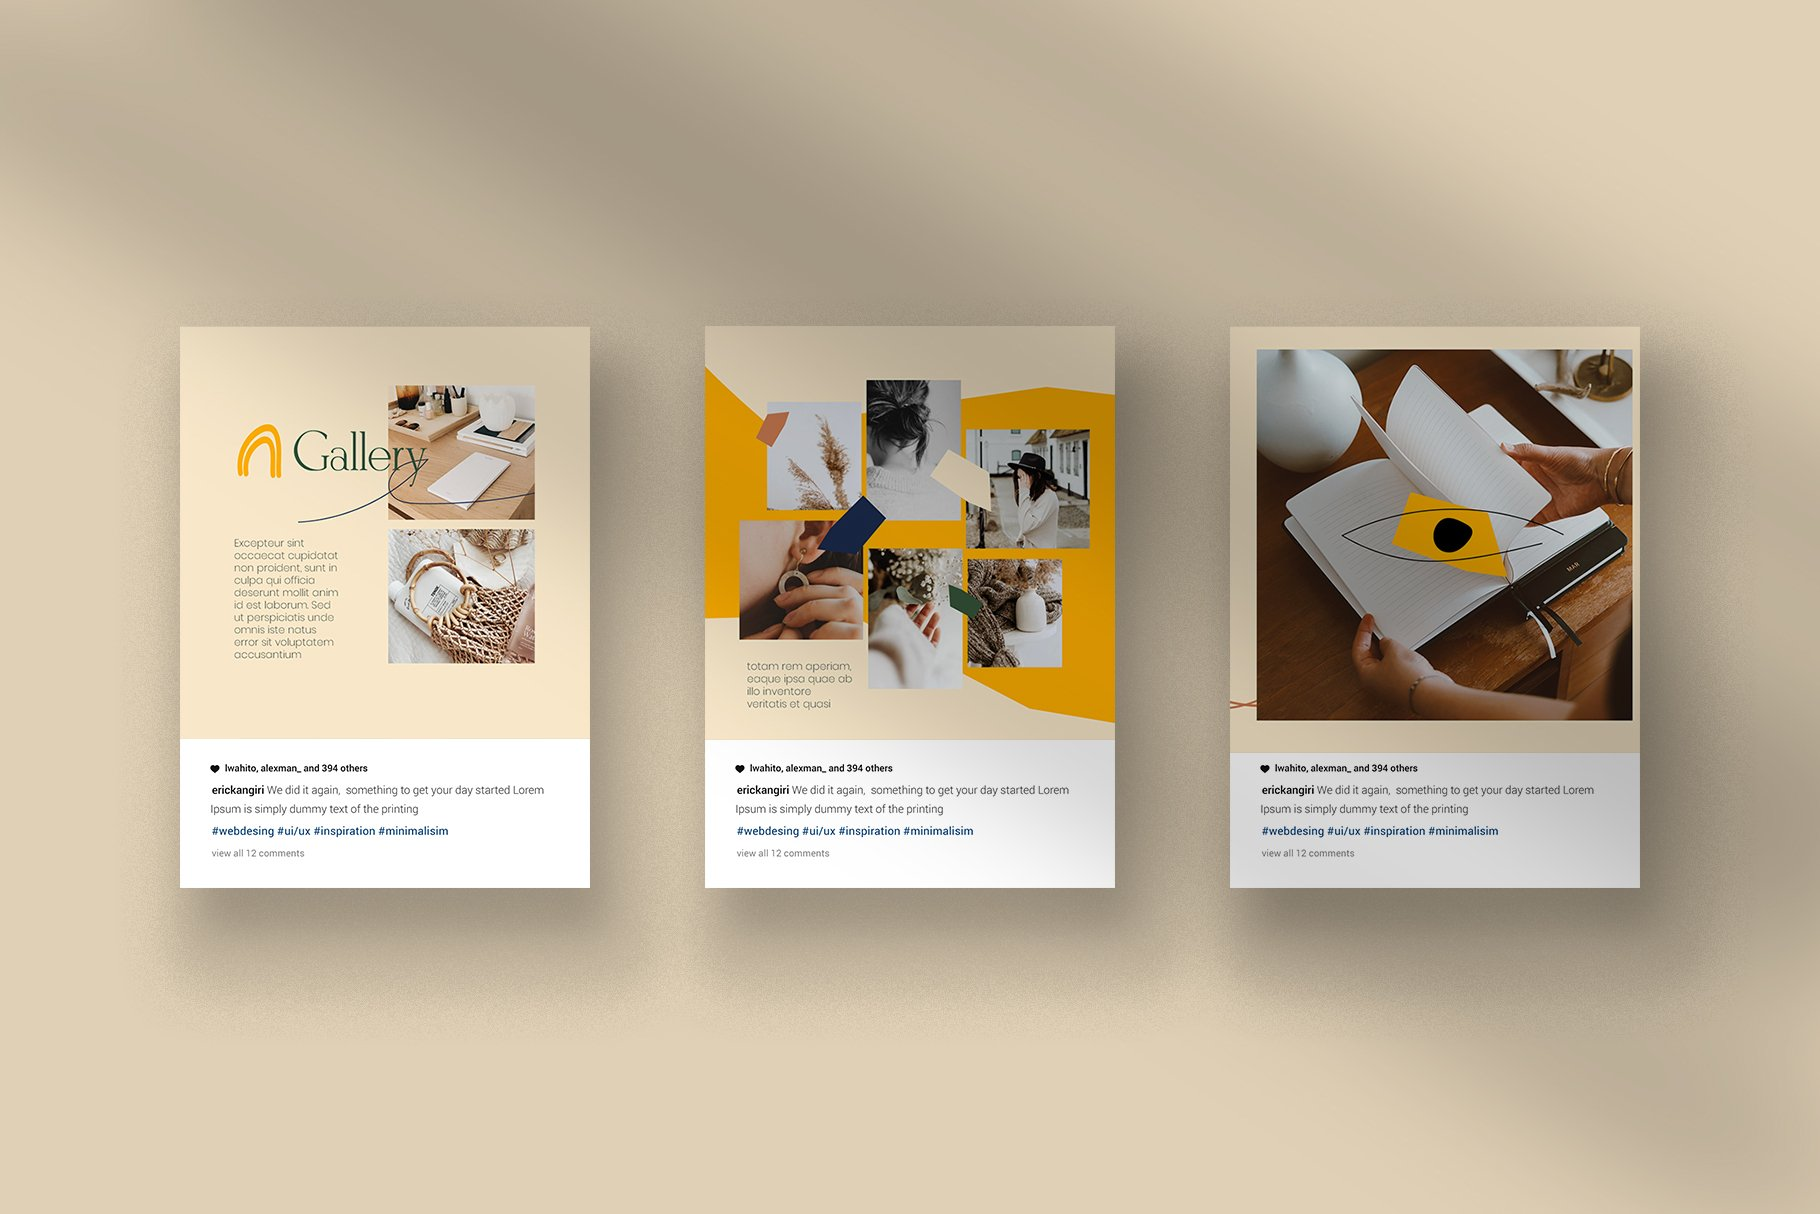 轻奢品牌推广新媒体海报设计模板 Liefde Puzzle Instagram Feed插图(5)